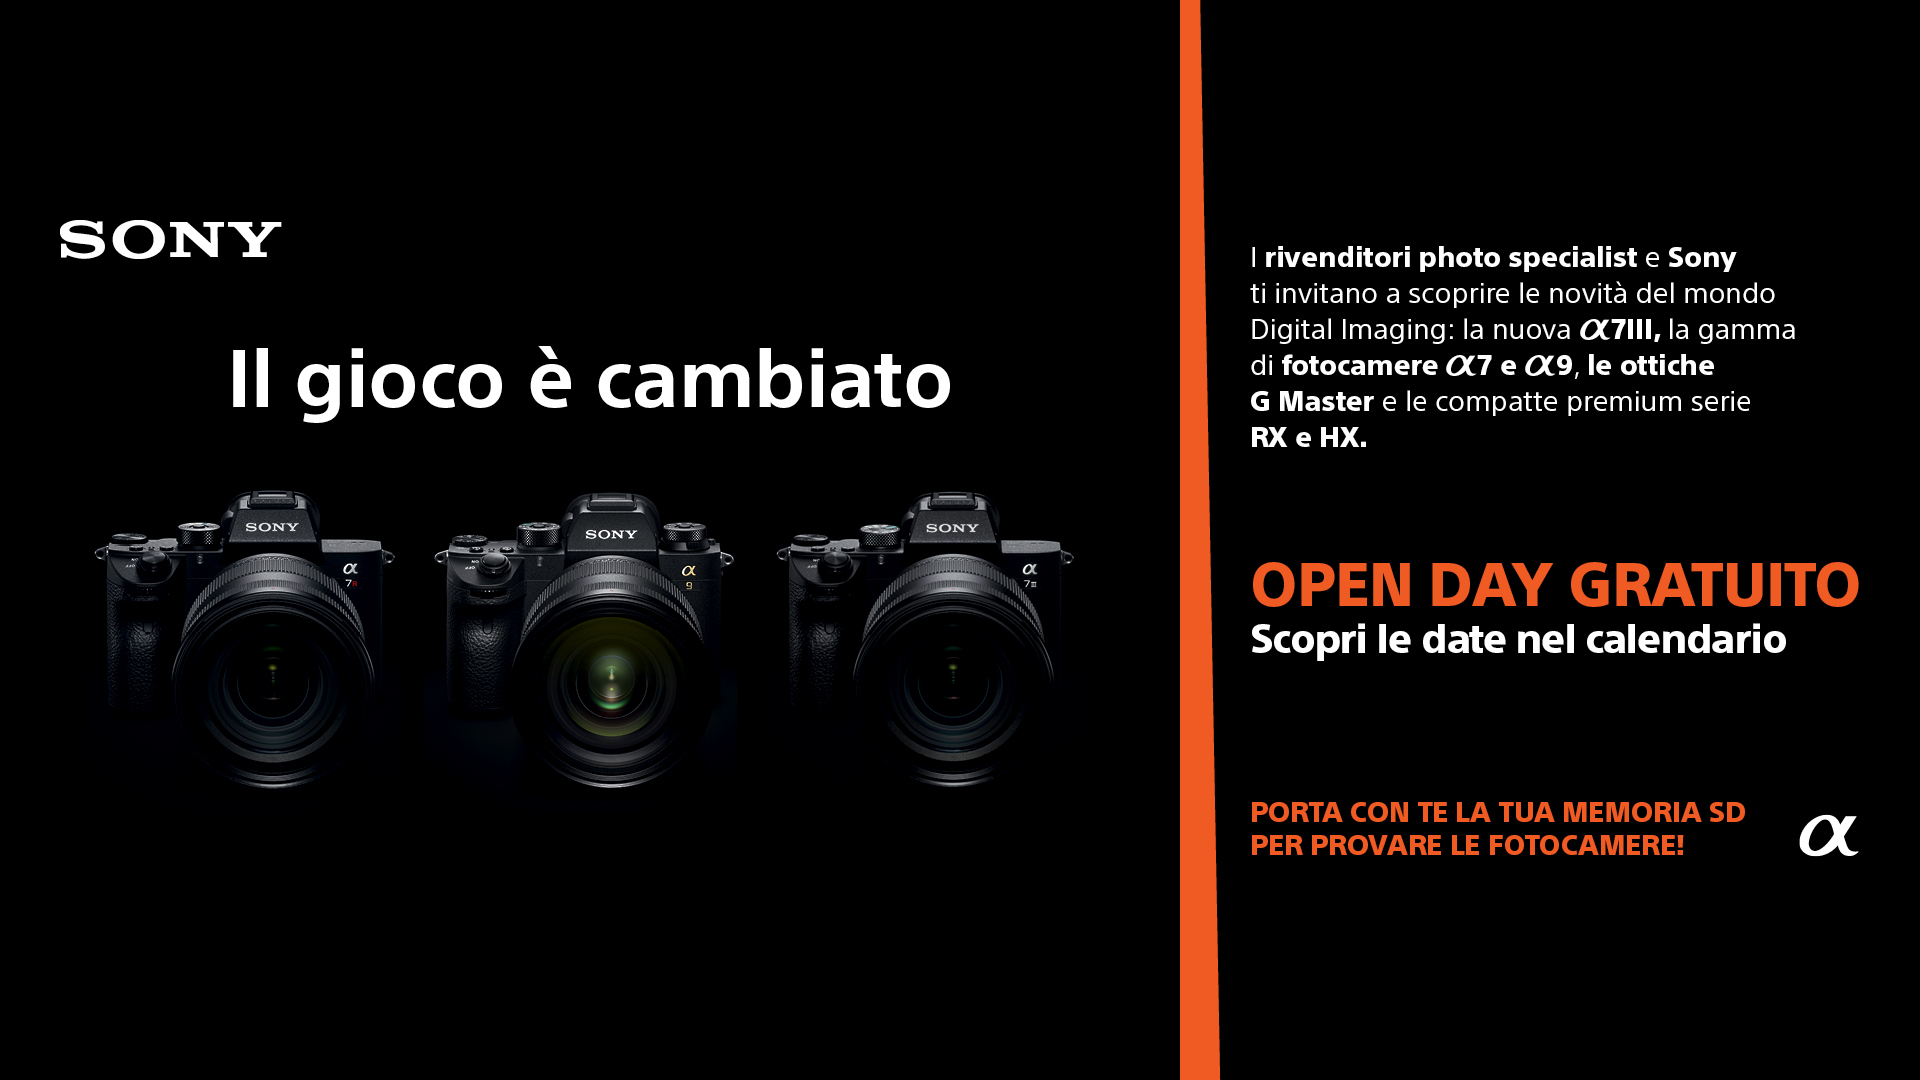 Sony Italia: sono tornati gli Open Day fotografici di Sony thumbnail